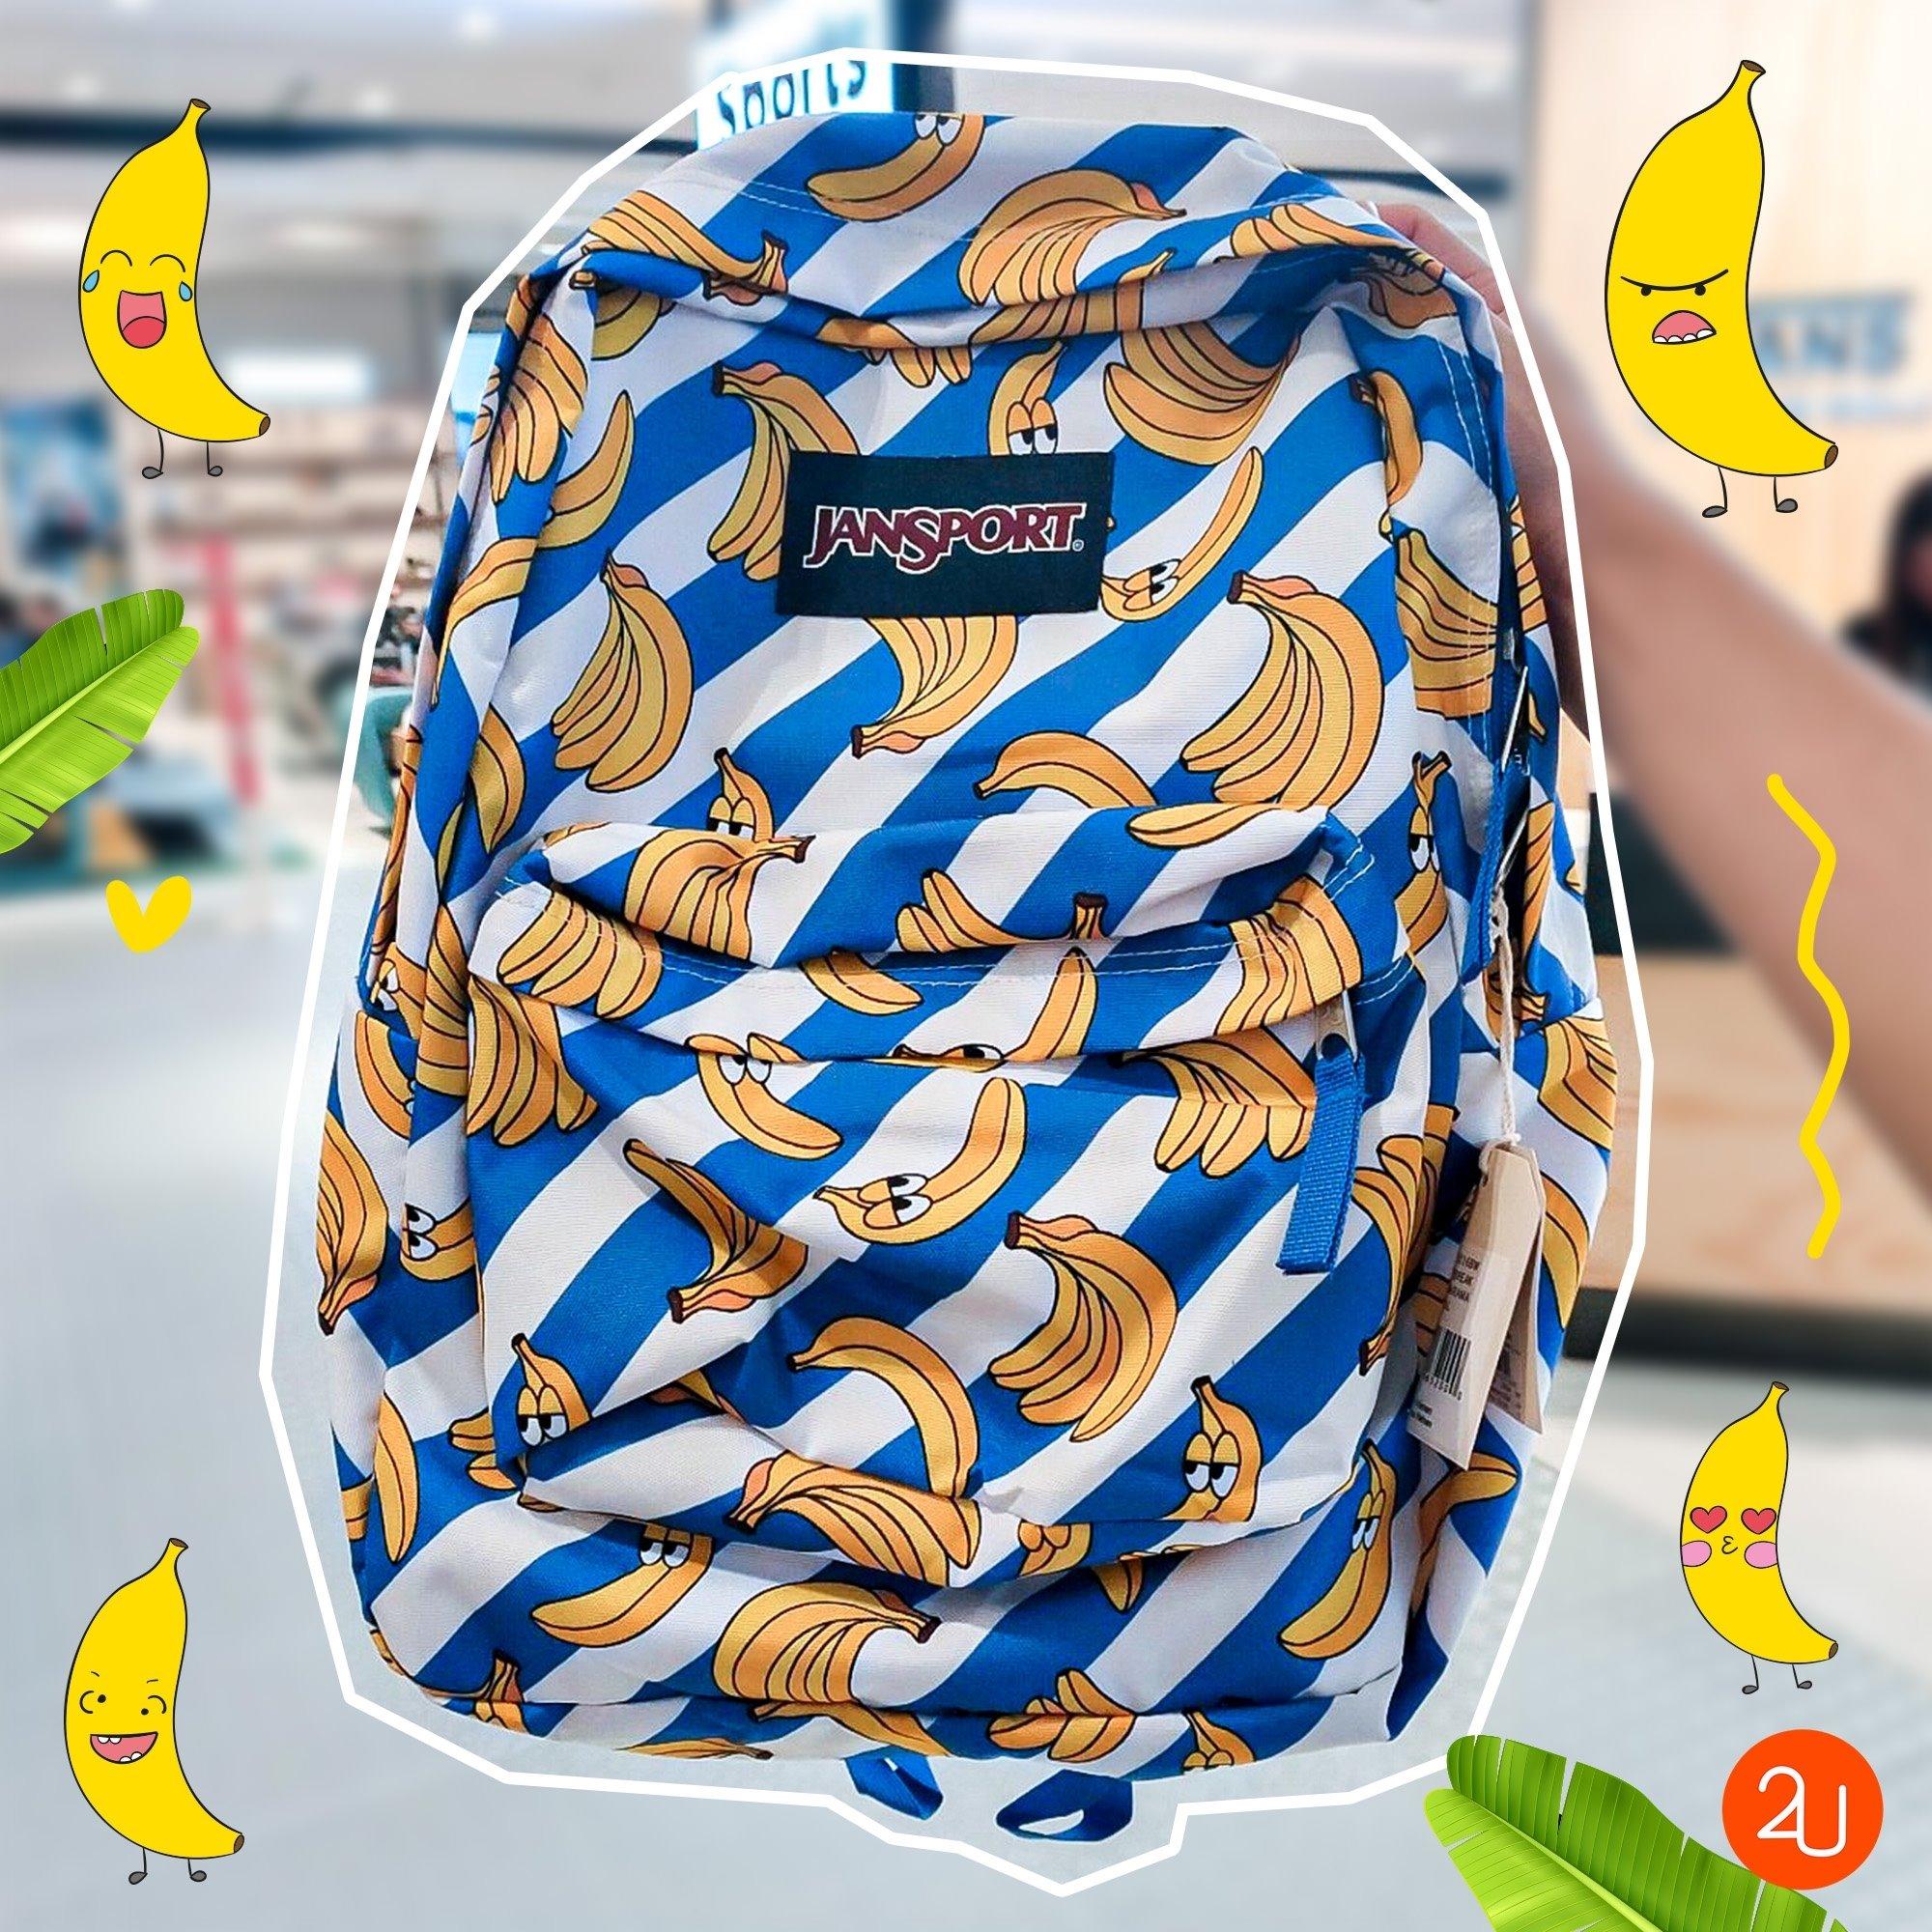 Promotion Jansport Bag 50% (1)